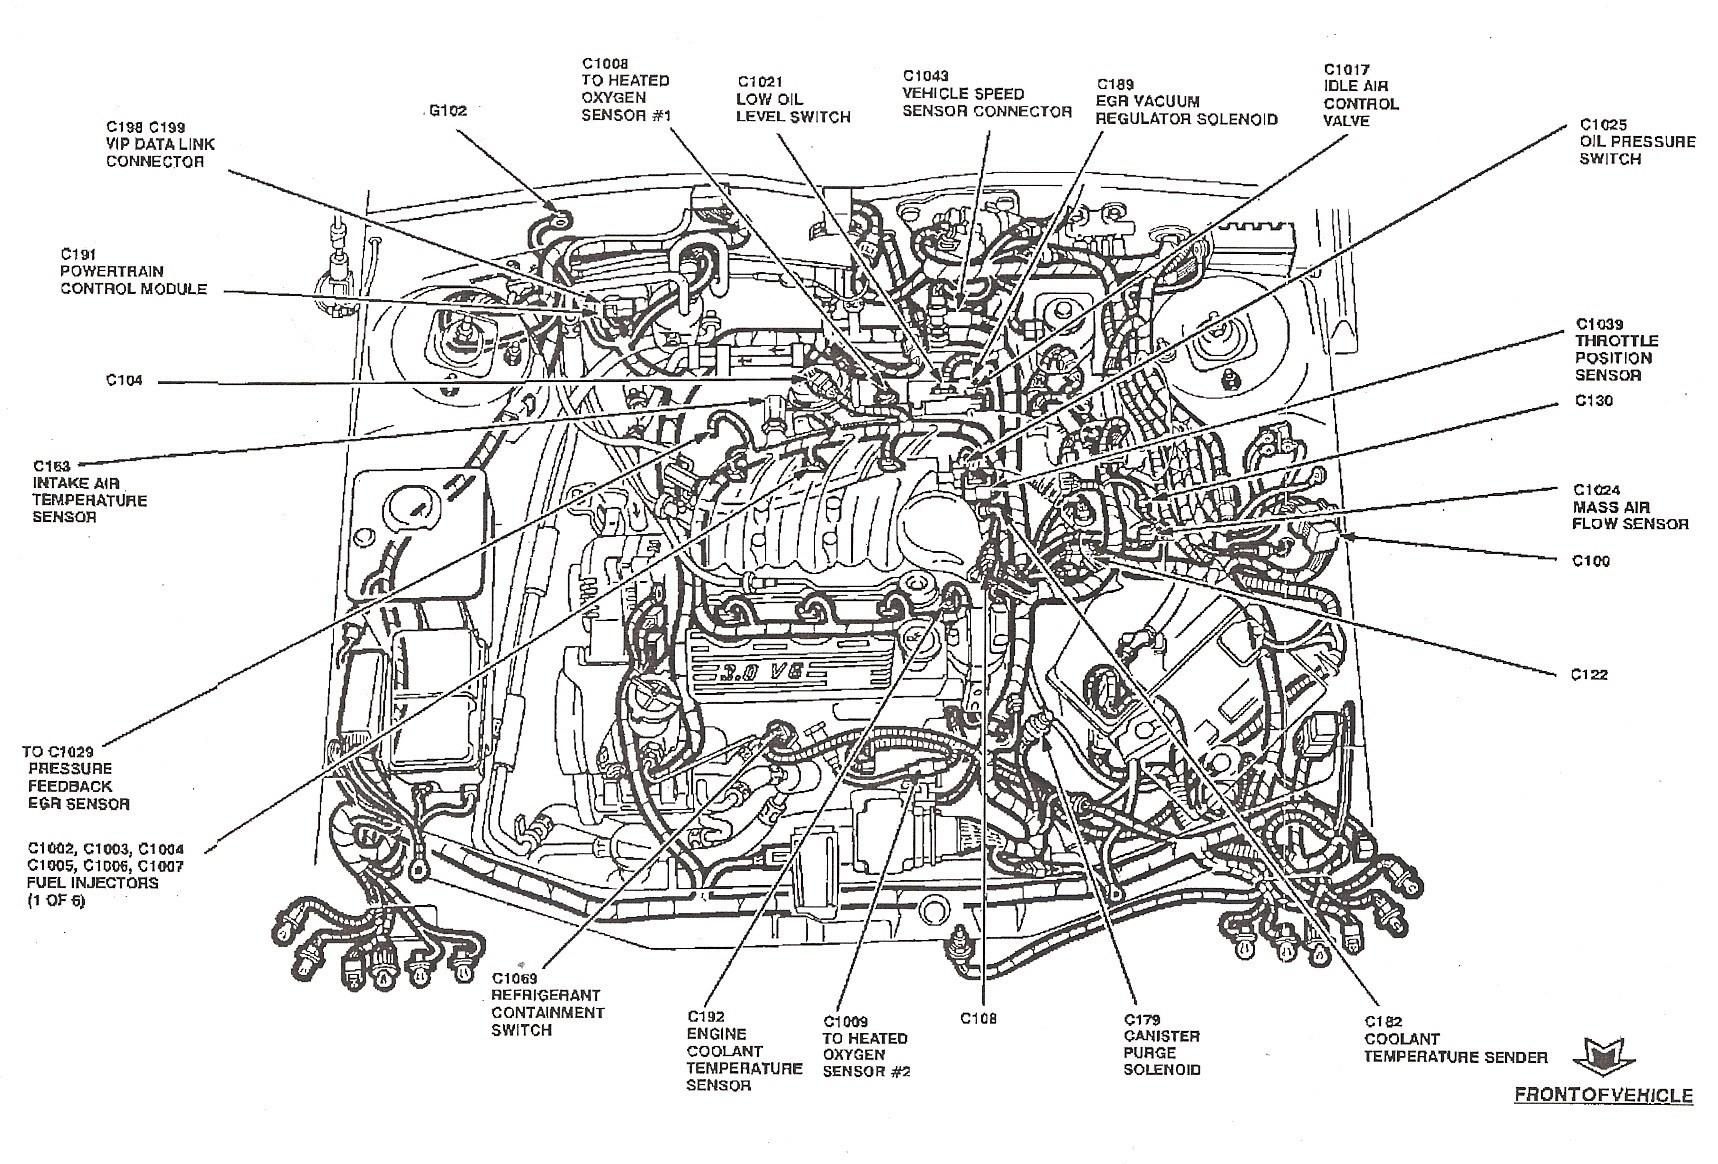 2005 ford Focus Engine Diagram 2001 ford Focus Fuel System Diagram Wiring Diagram Used Of 2005 ford Focus Engine Diagram